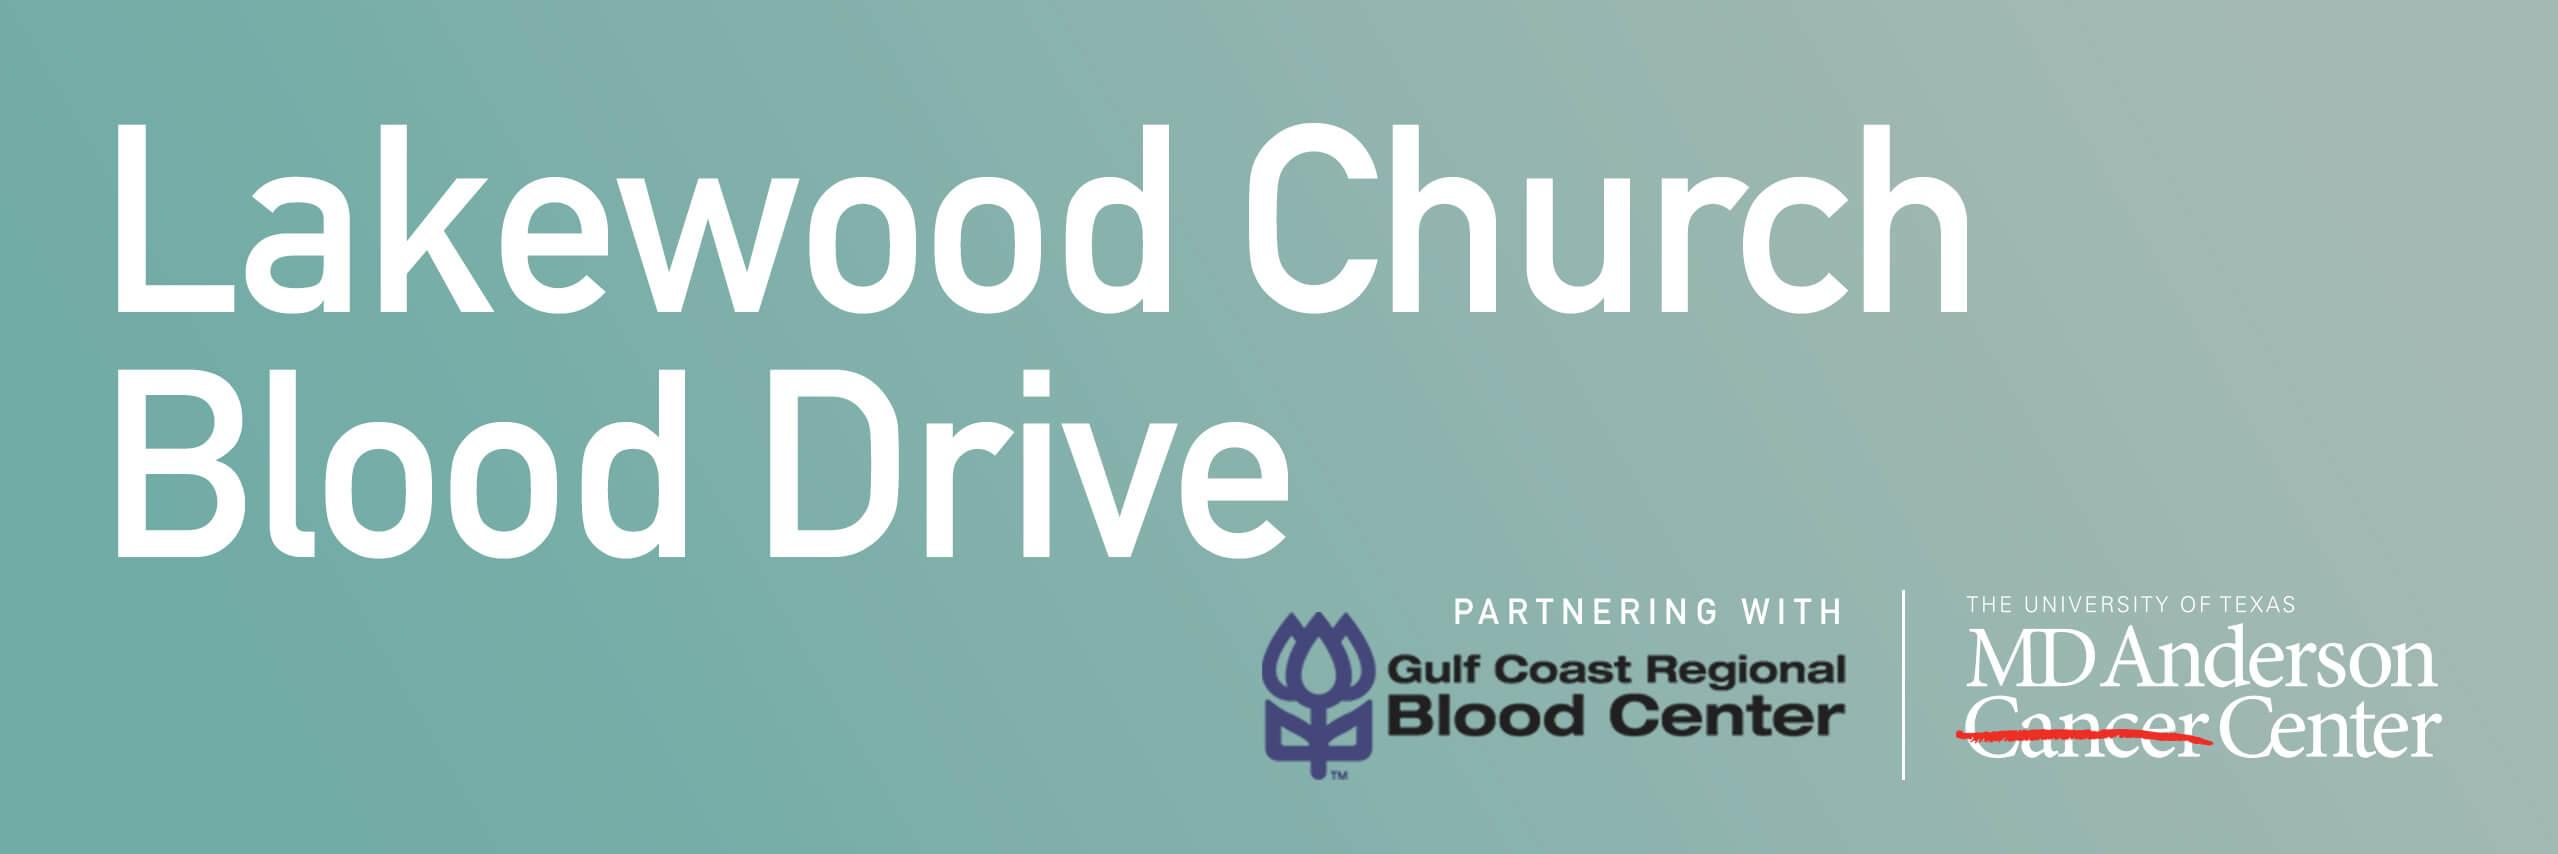 Lakewood Church Blood Drive